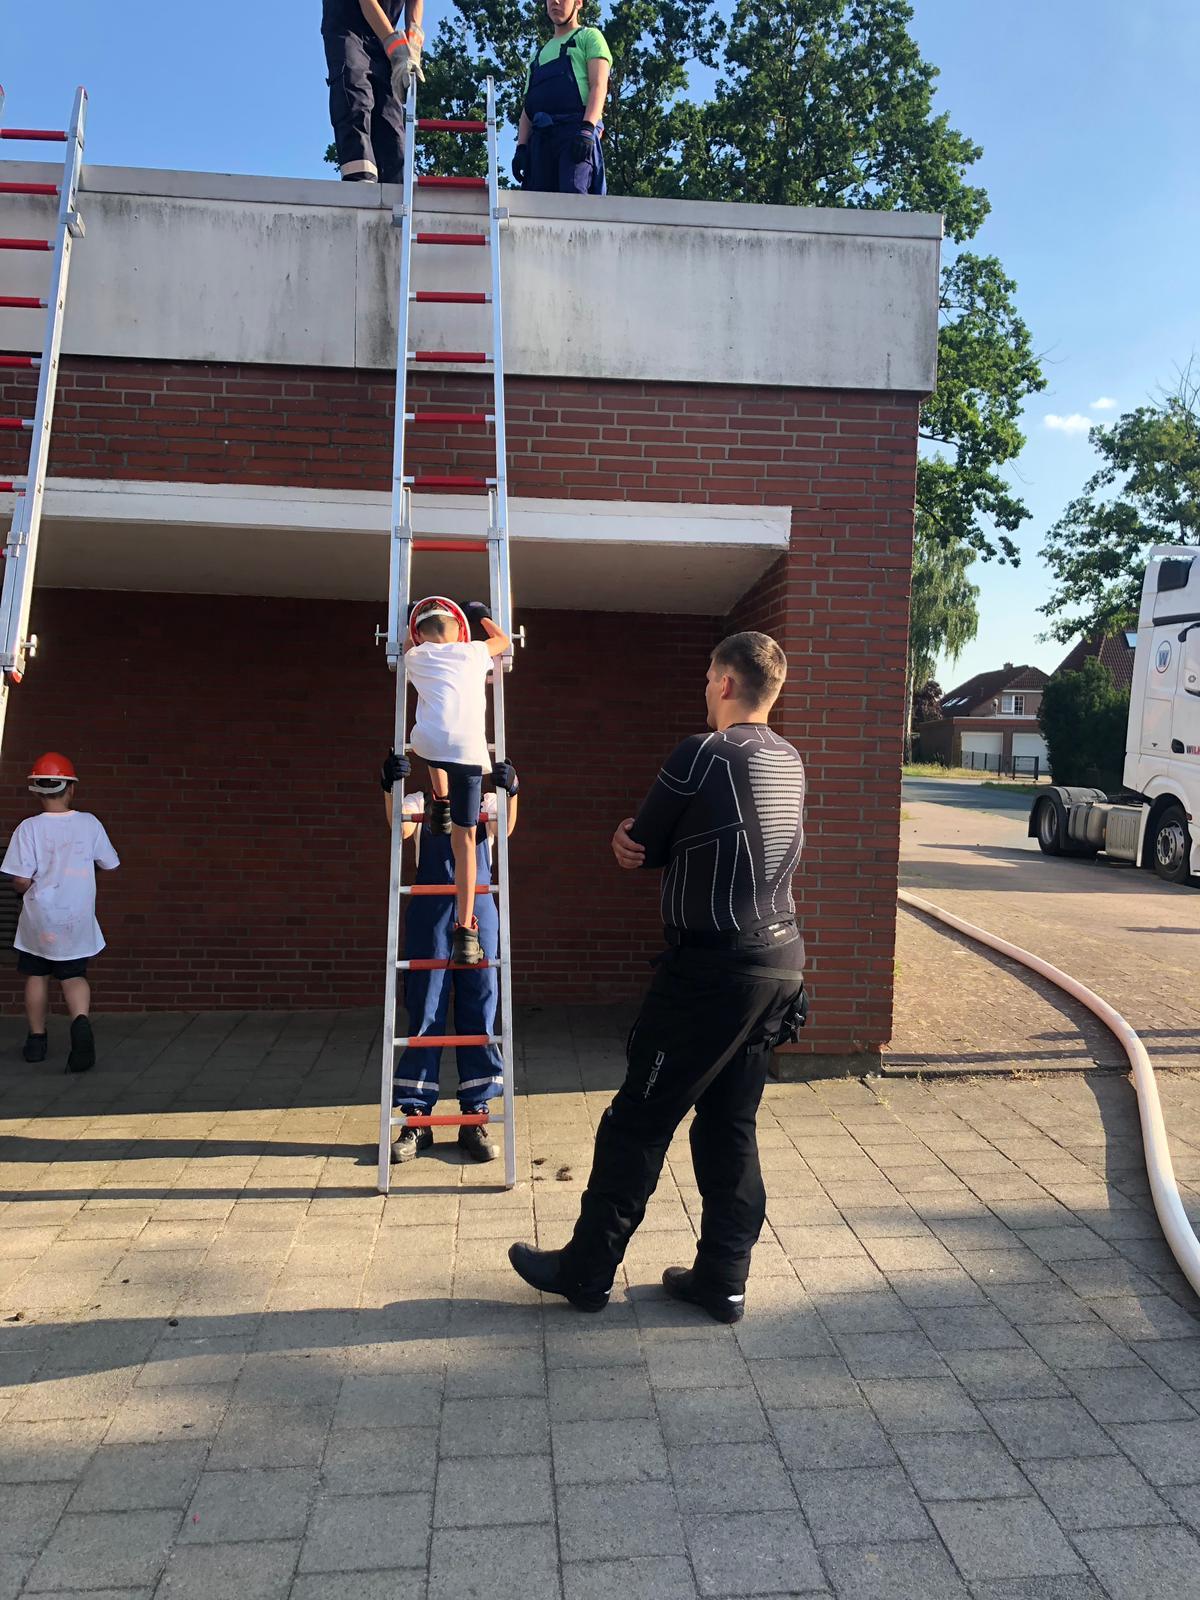 Die Jugendfeuerwehr Otternhagen übt den Aufstieg auf der 4-teiligen Steckleiter am alten Feuerwehr-Gerätehaus.